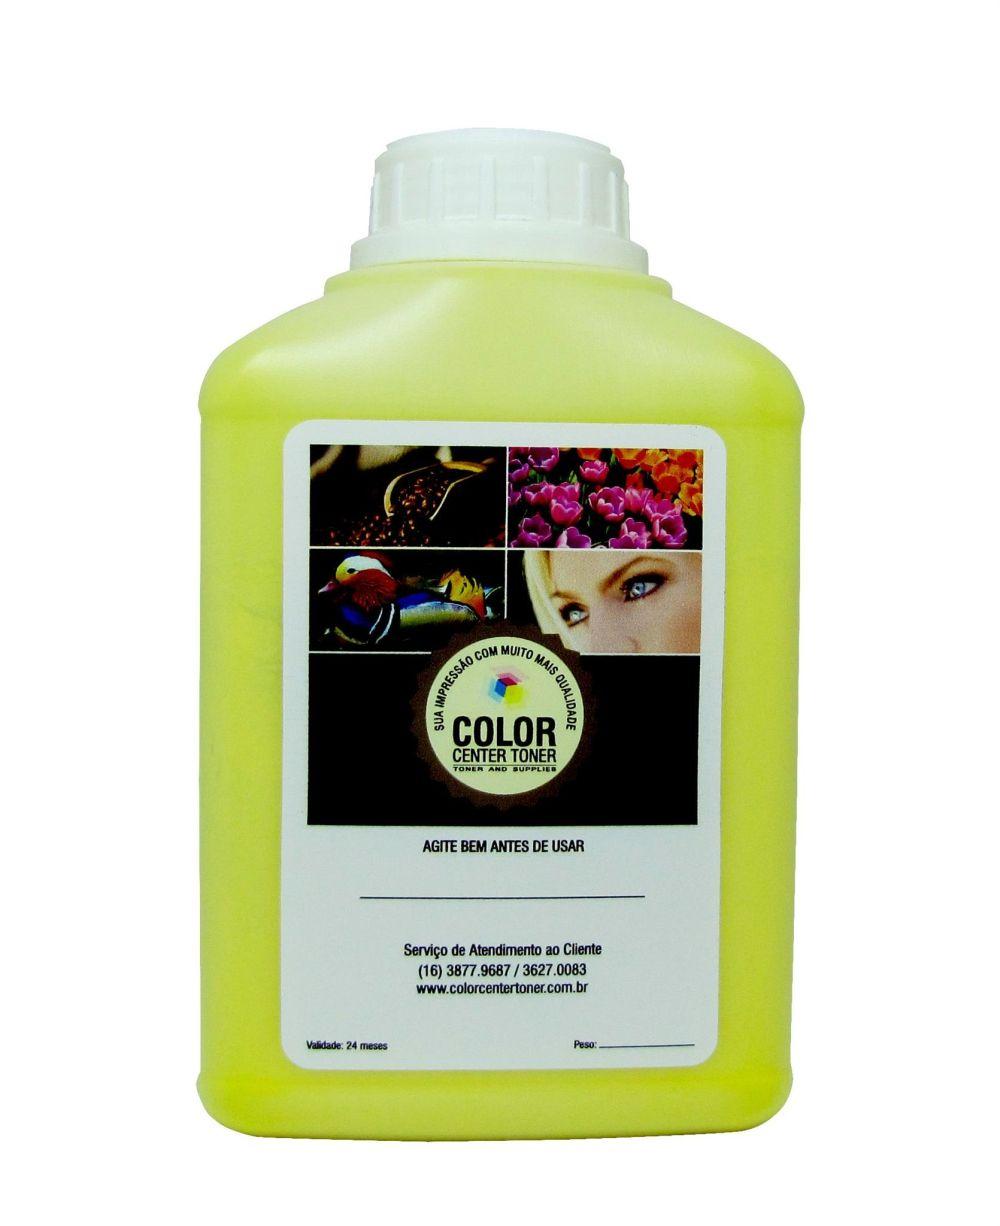 Refil de Toner Bizhub C451/C550/650 Amarelo